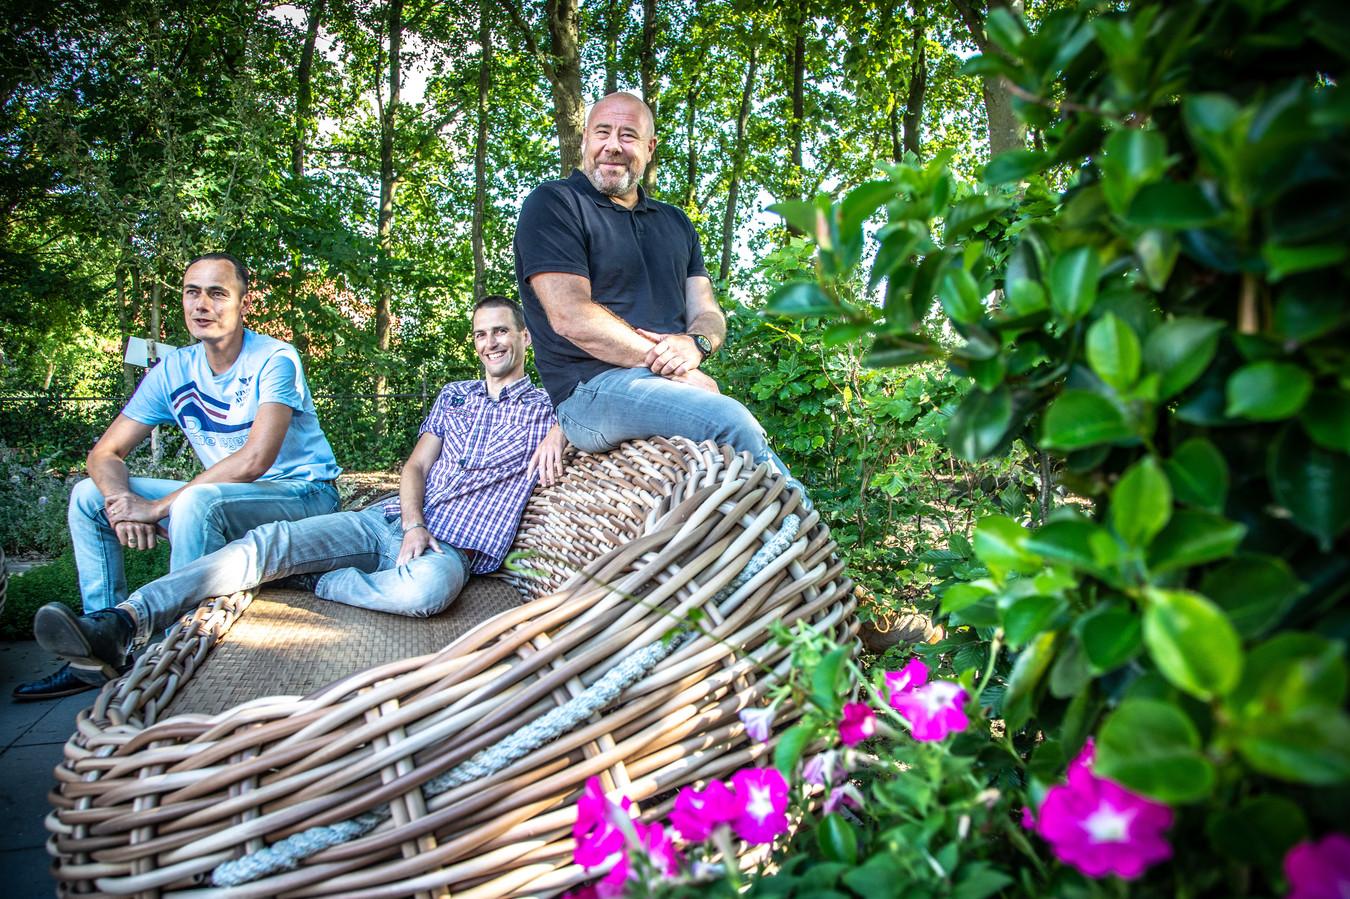 Mannen hebben hun eigen manier om ervaringen met kanker te delen. 't Klinkt misschien wat onvriendelijk, maar daar zijn niet altijd vrouwen bij nodig... Op de foto de drie vrijwilligers van nazorgcentrum IntermeZZo in Zwolle. Vlnr: Stephan van de Port (44), Sander Strating (39) en Salo Poiesz (52).